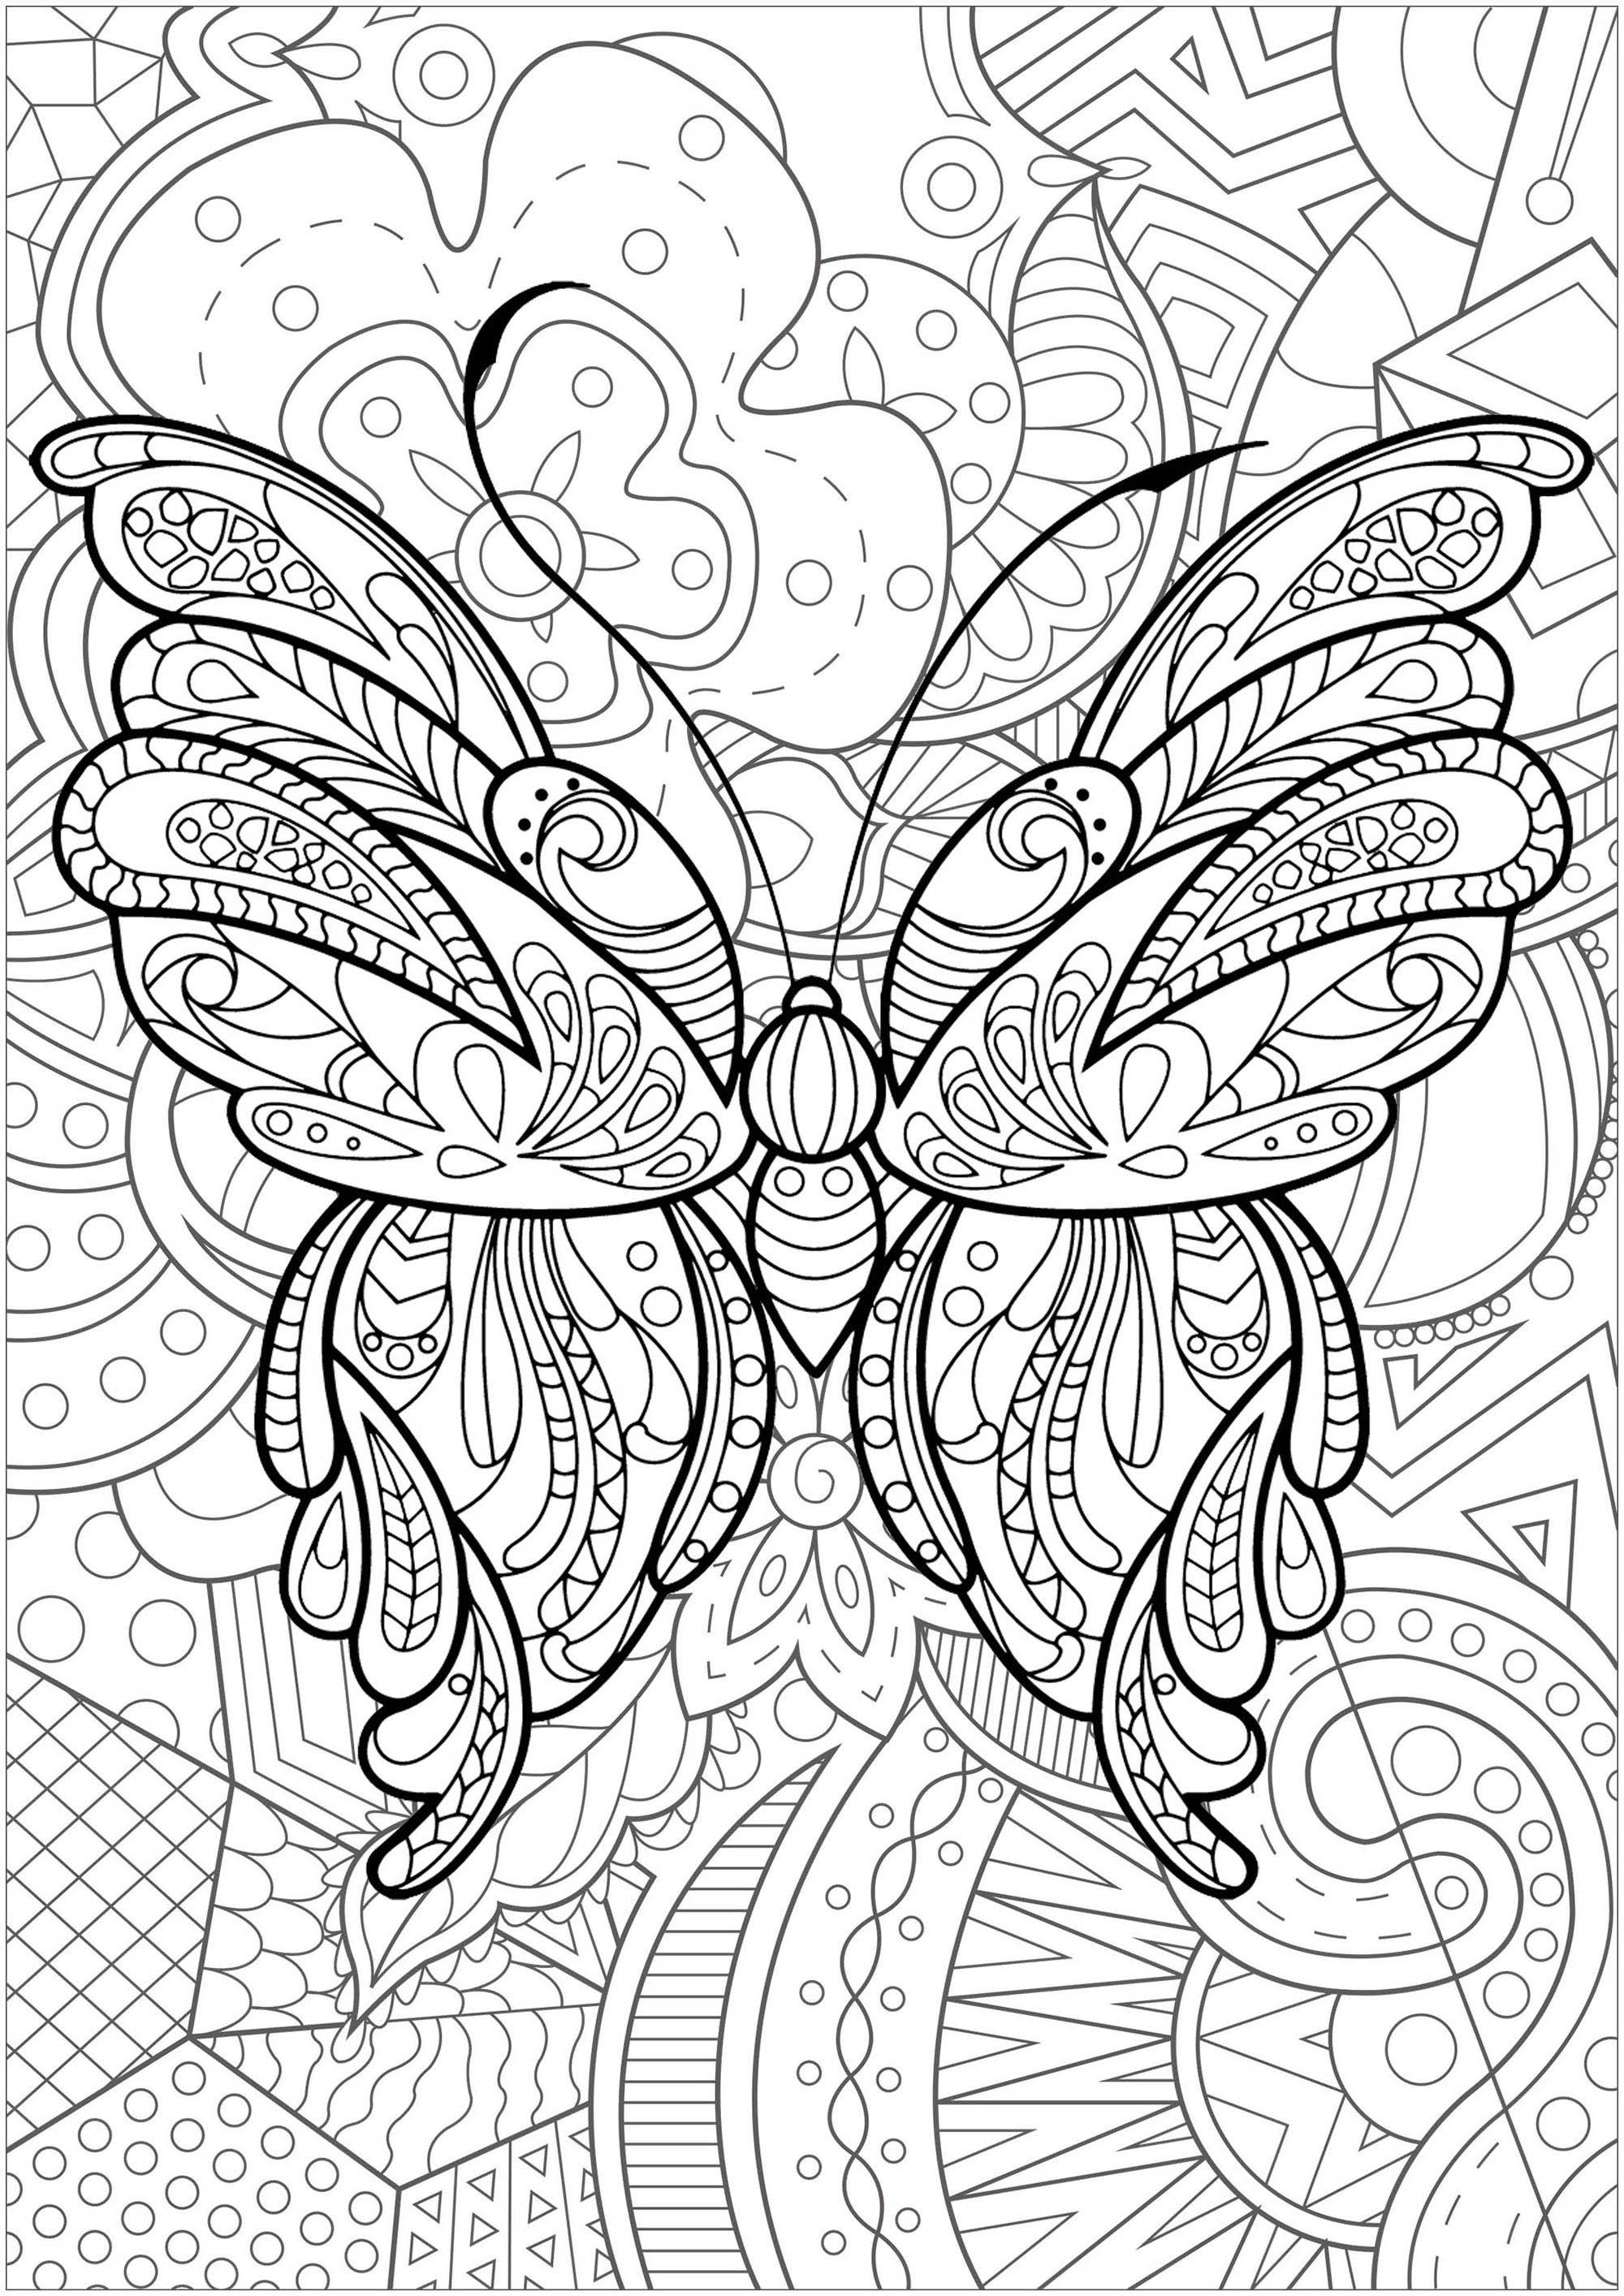 Disegni da Colorare per Adulti : Farfalle e insetti - 1